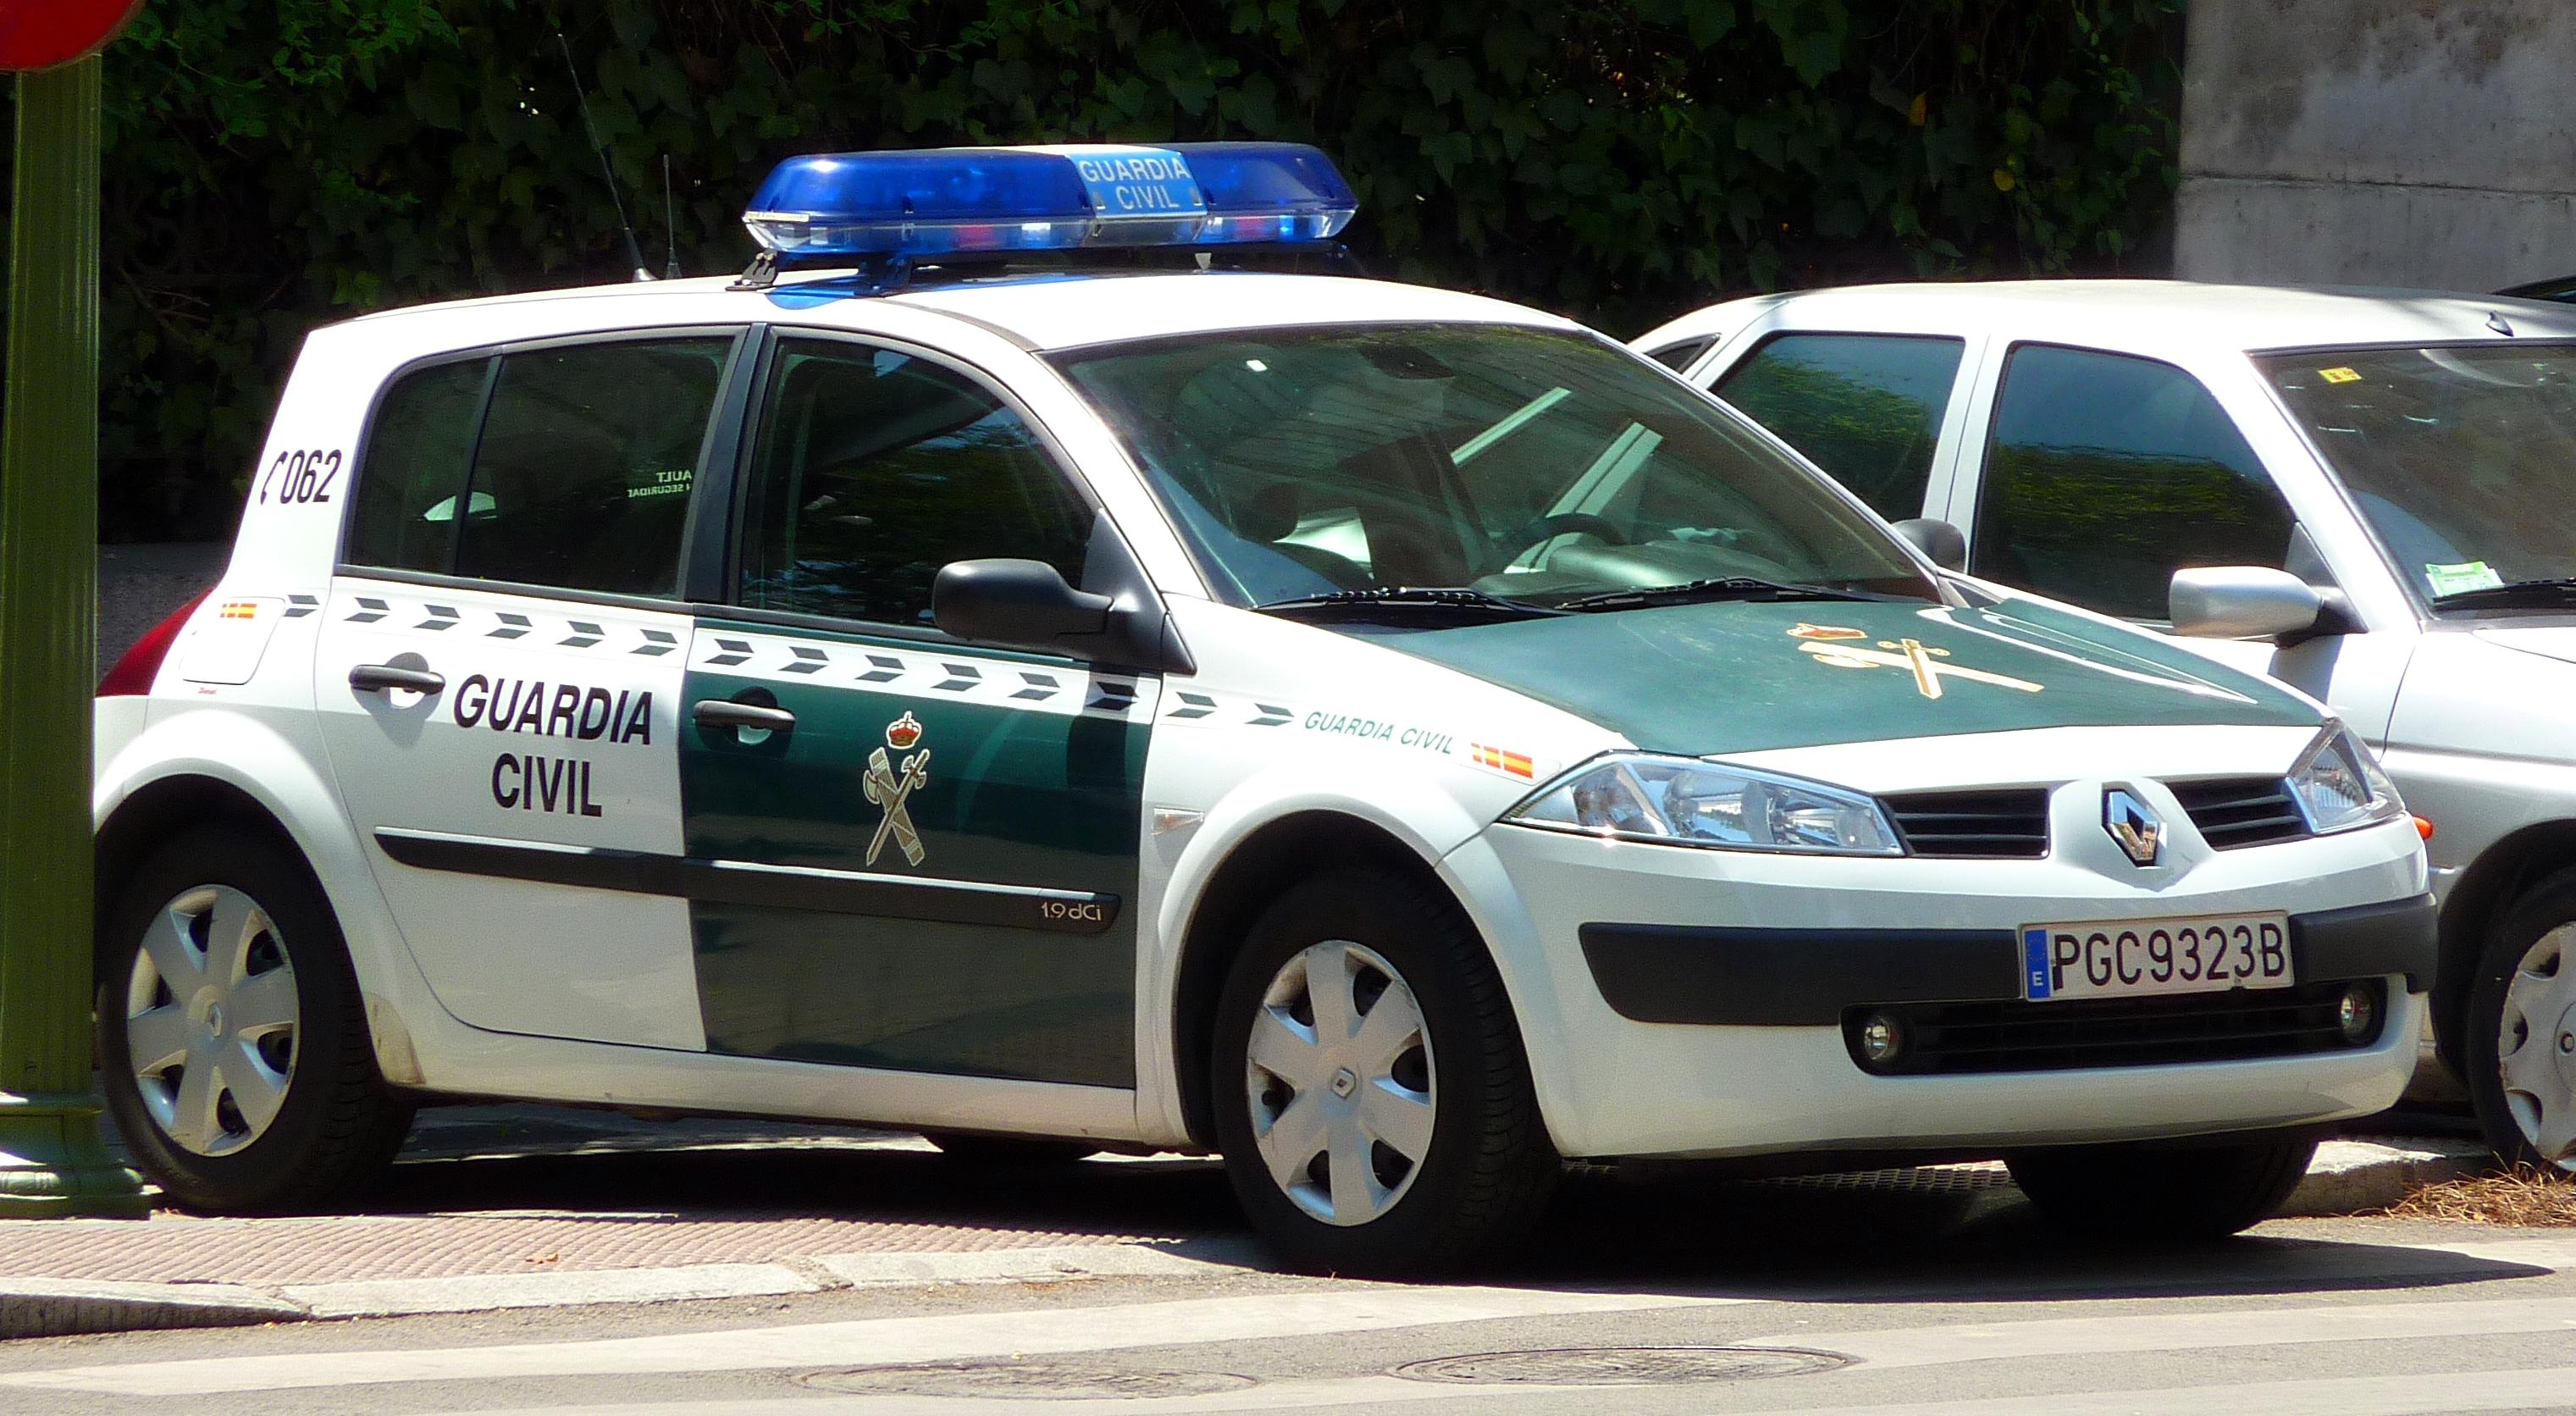 Renault_Mégane_Guardia_Civil-2